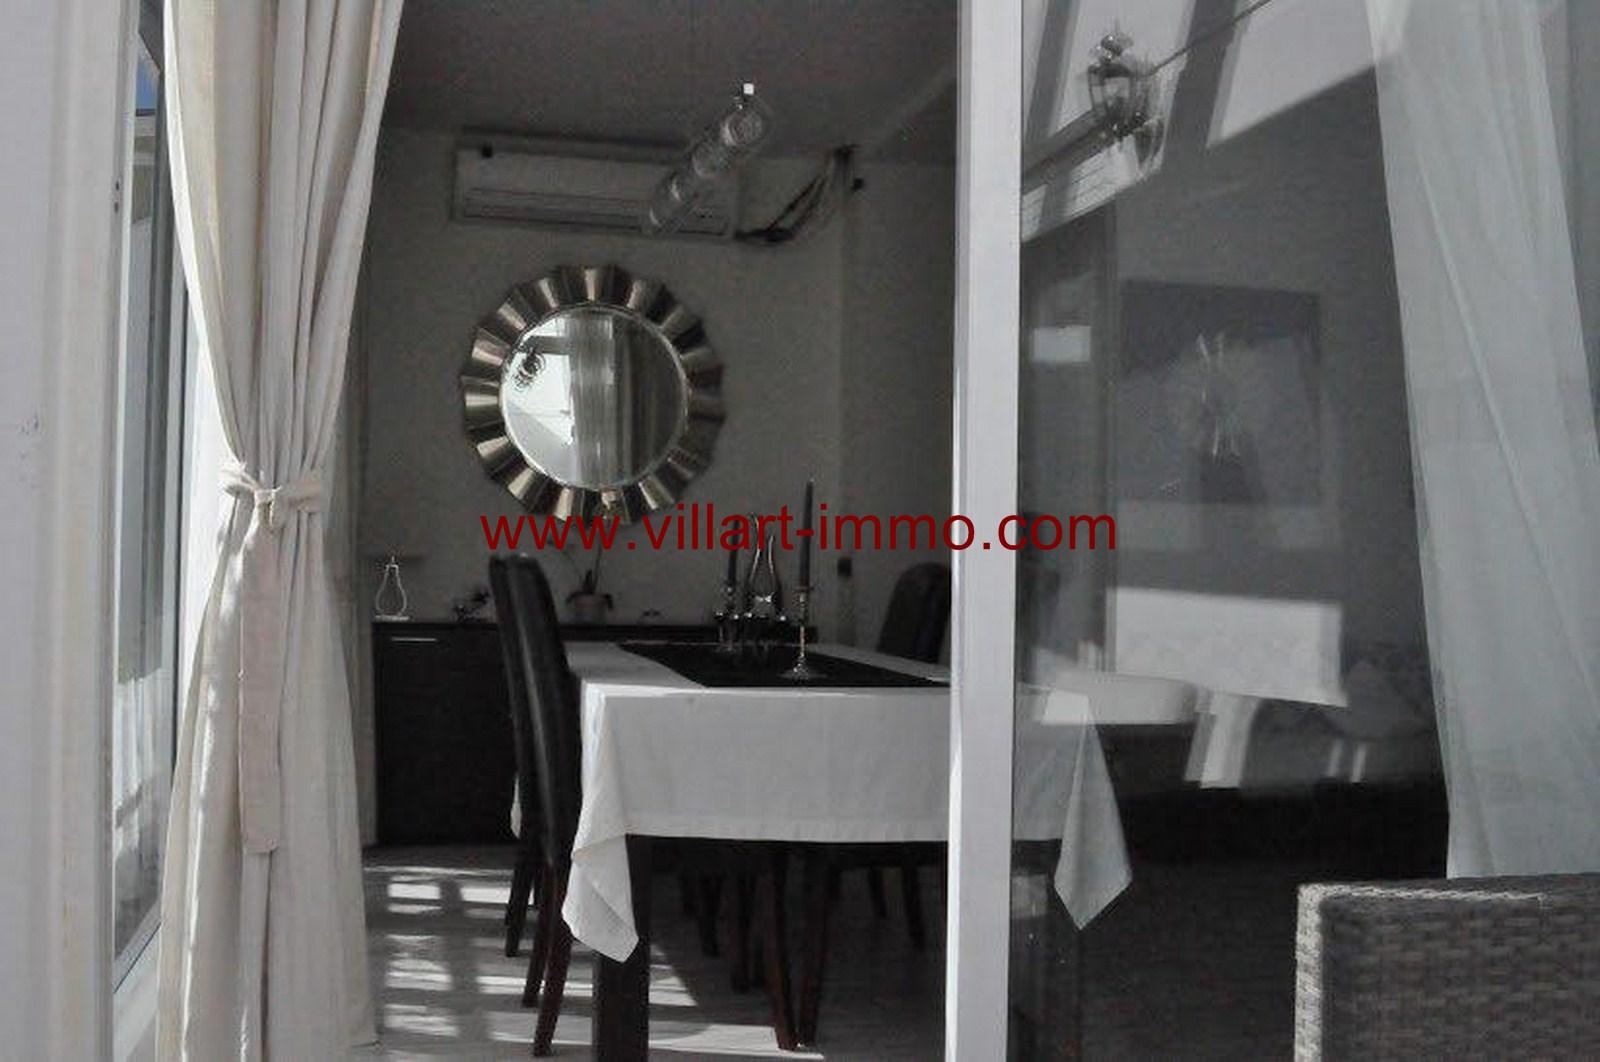 3-vente-appartement-tanger-route-de-rabat-sejour-3-va383-villart-immo